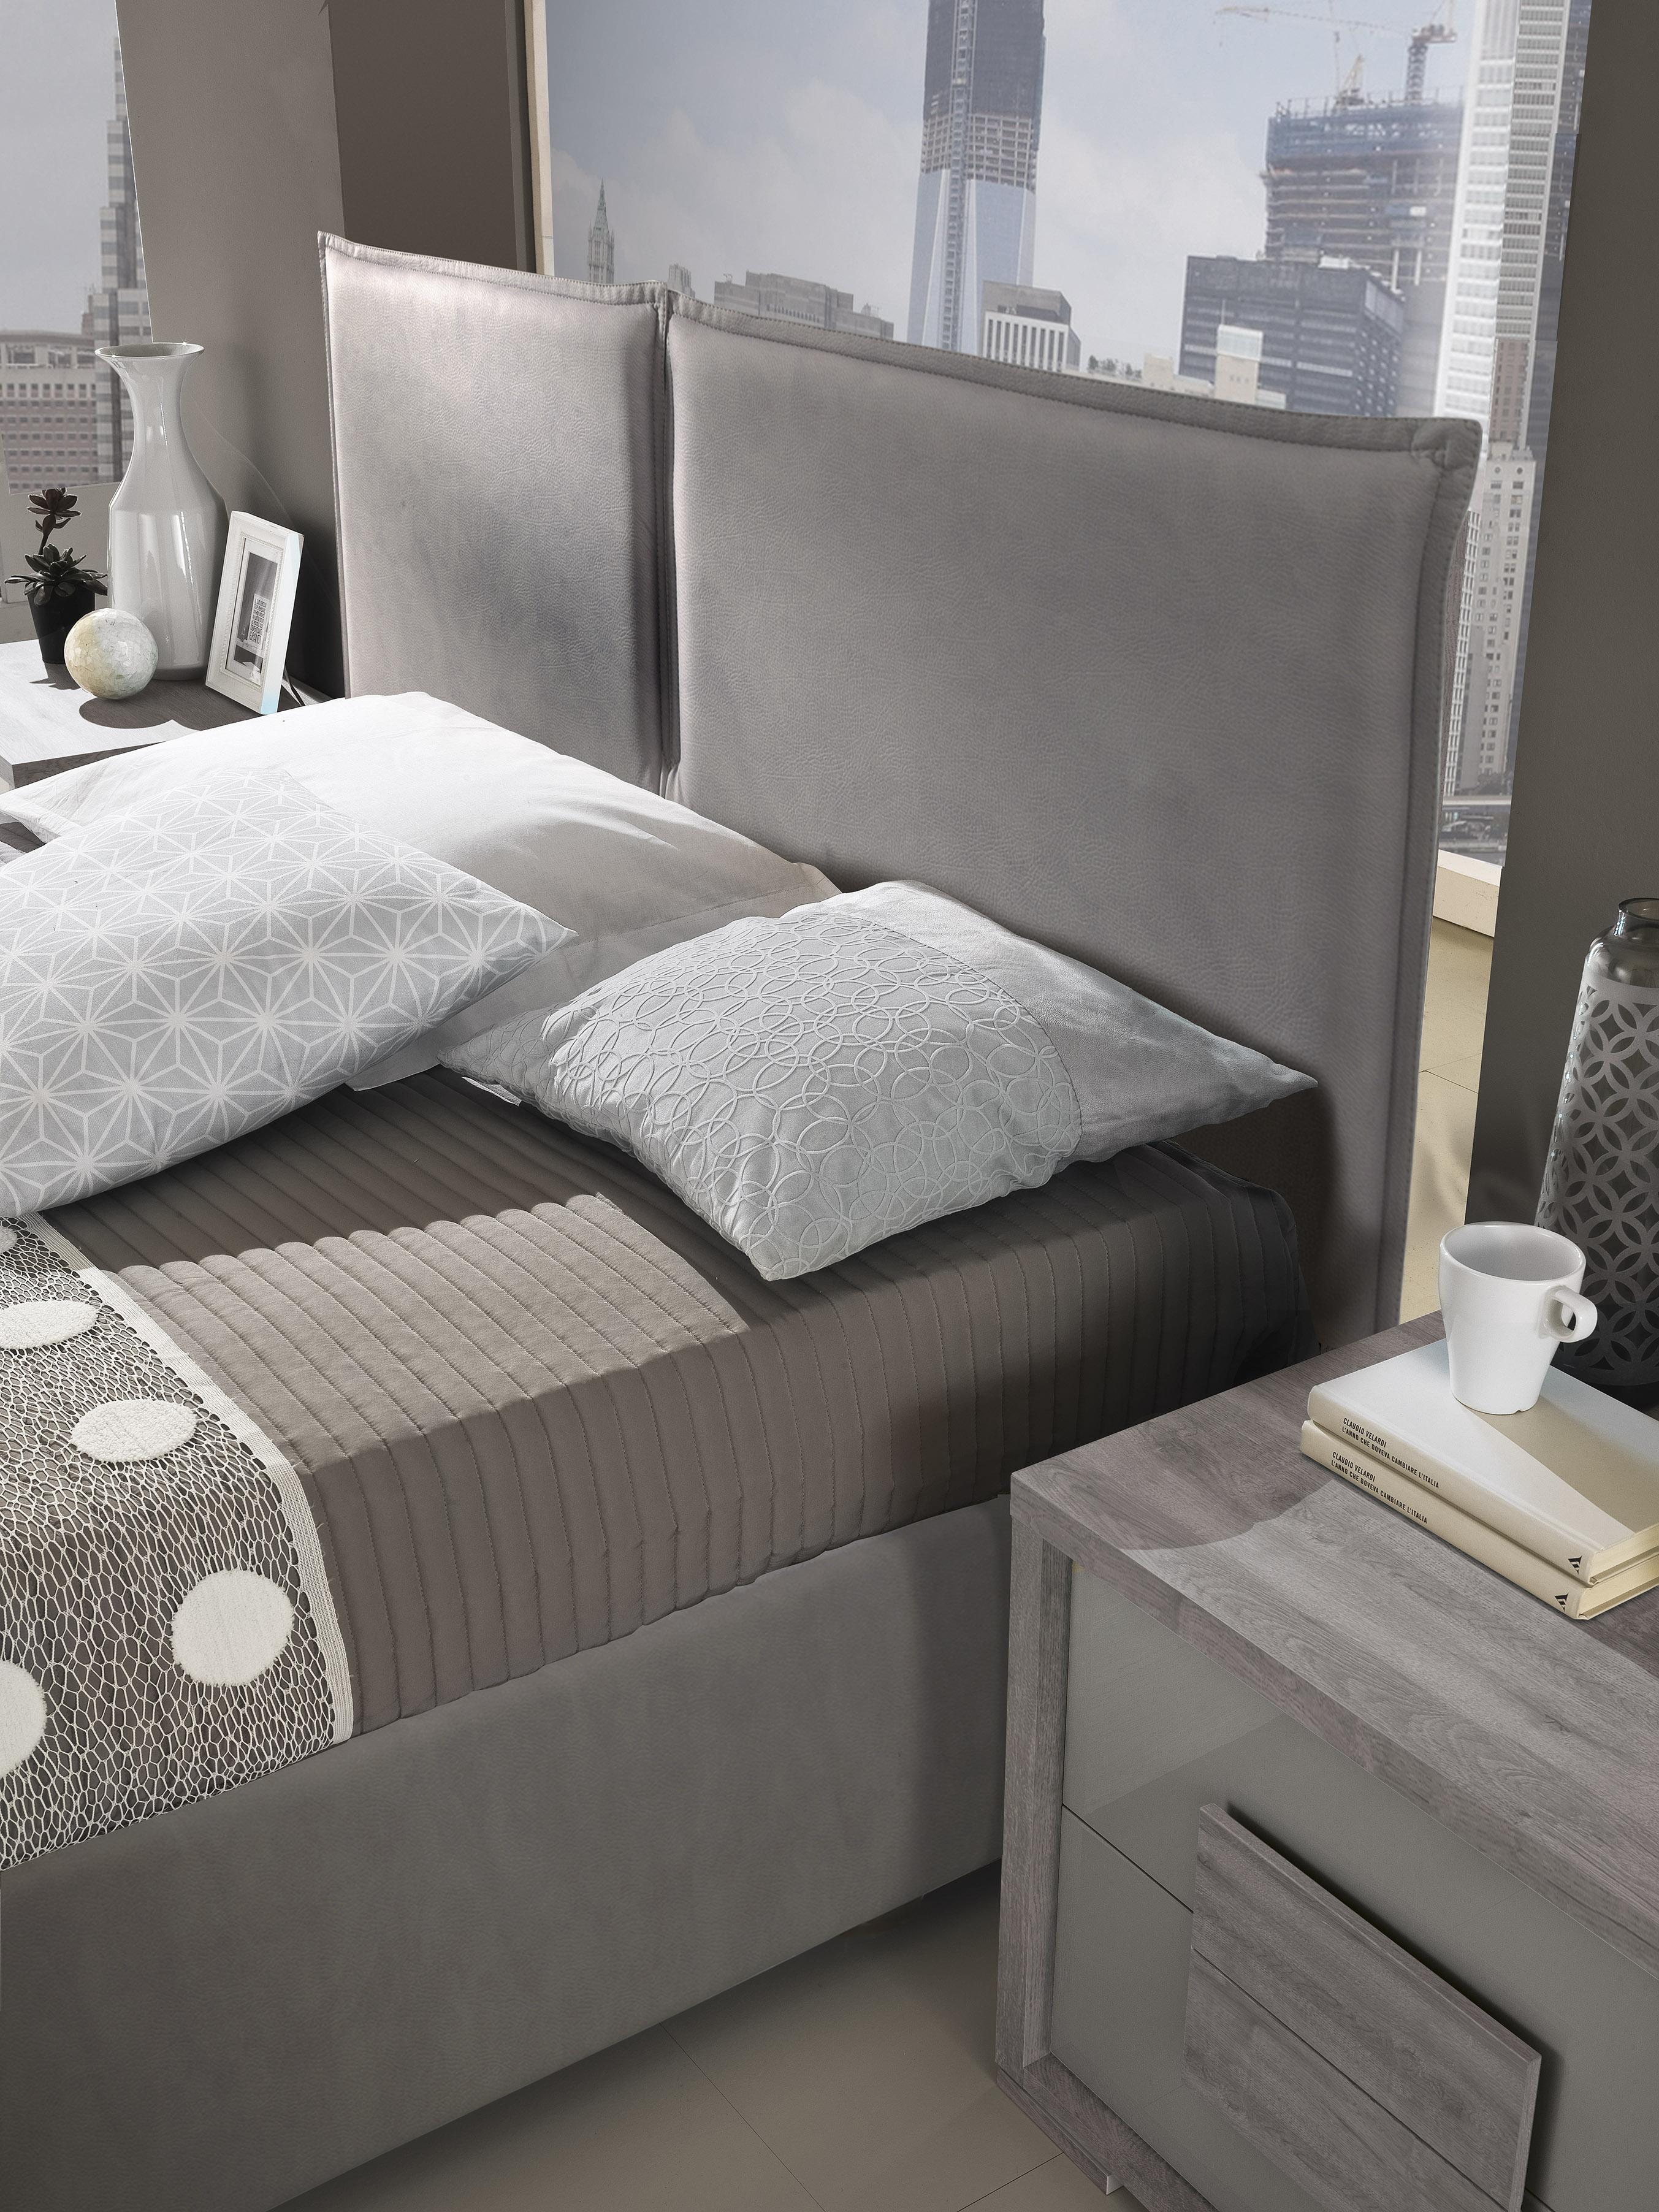 Schlafzimmer Set Lia modern 180x200 cm mit Schrank 4 türig ohne Kommode und Spiegel